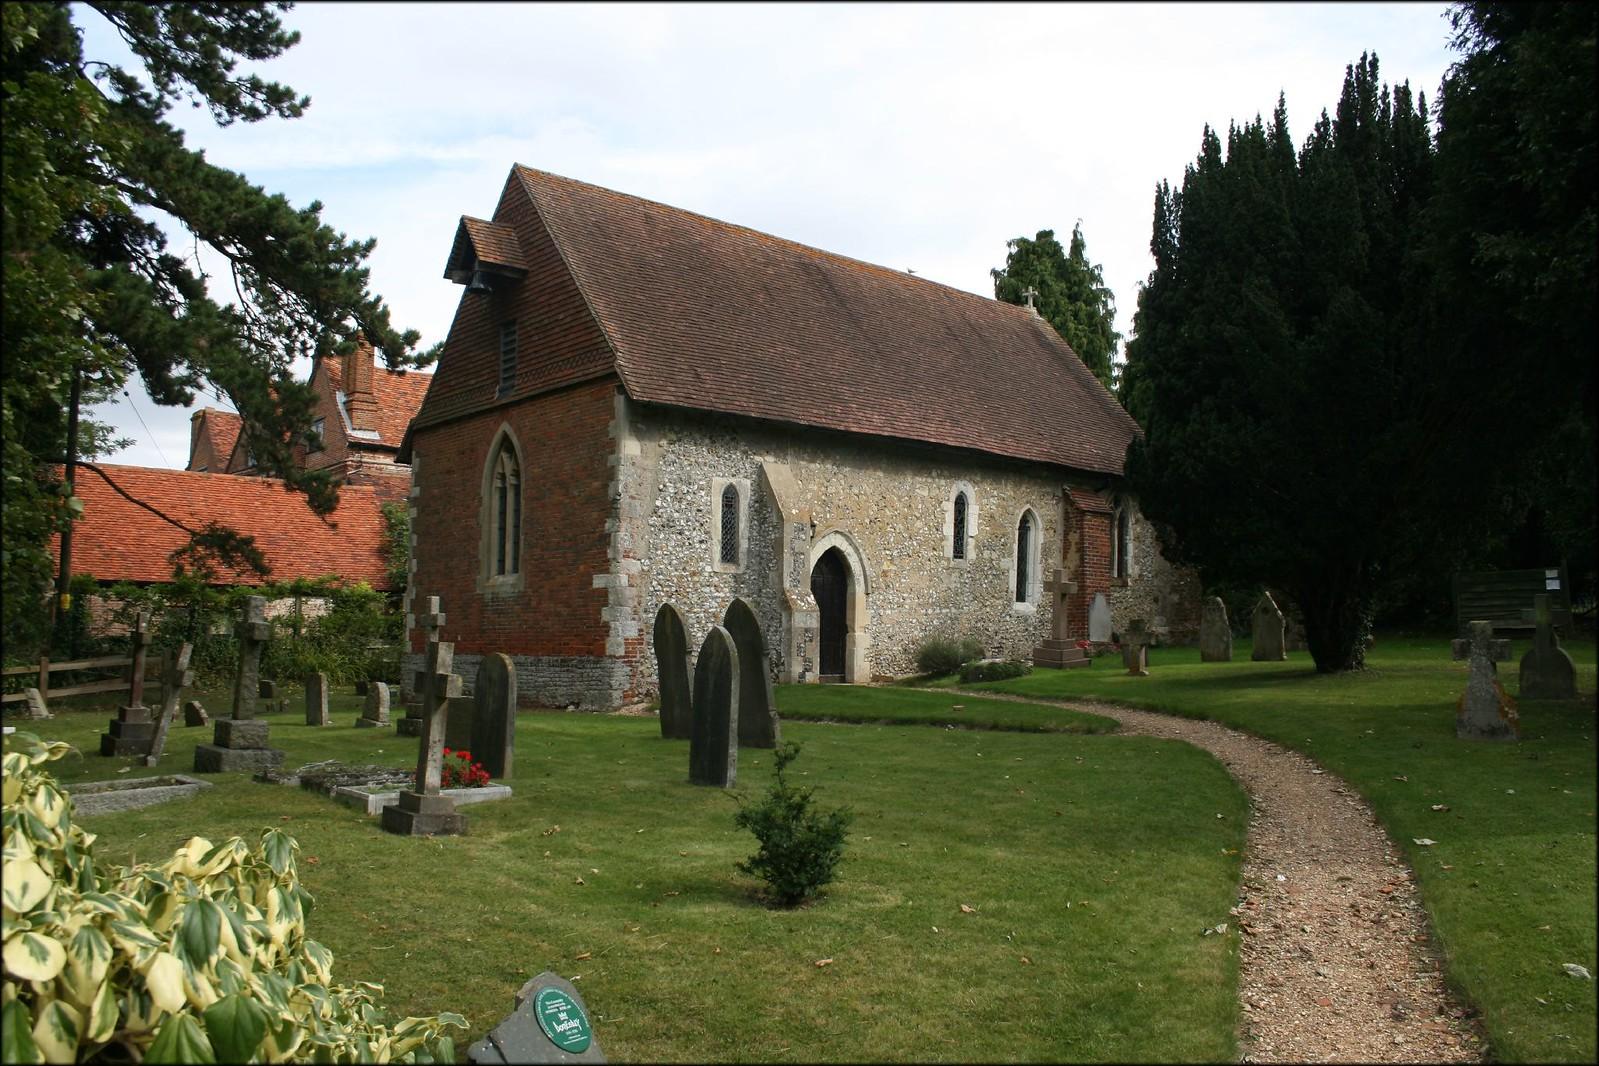 Wanborough church This pretty church was built in the 1200s.